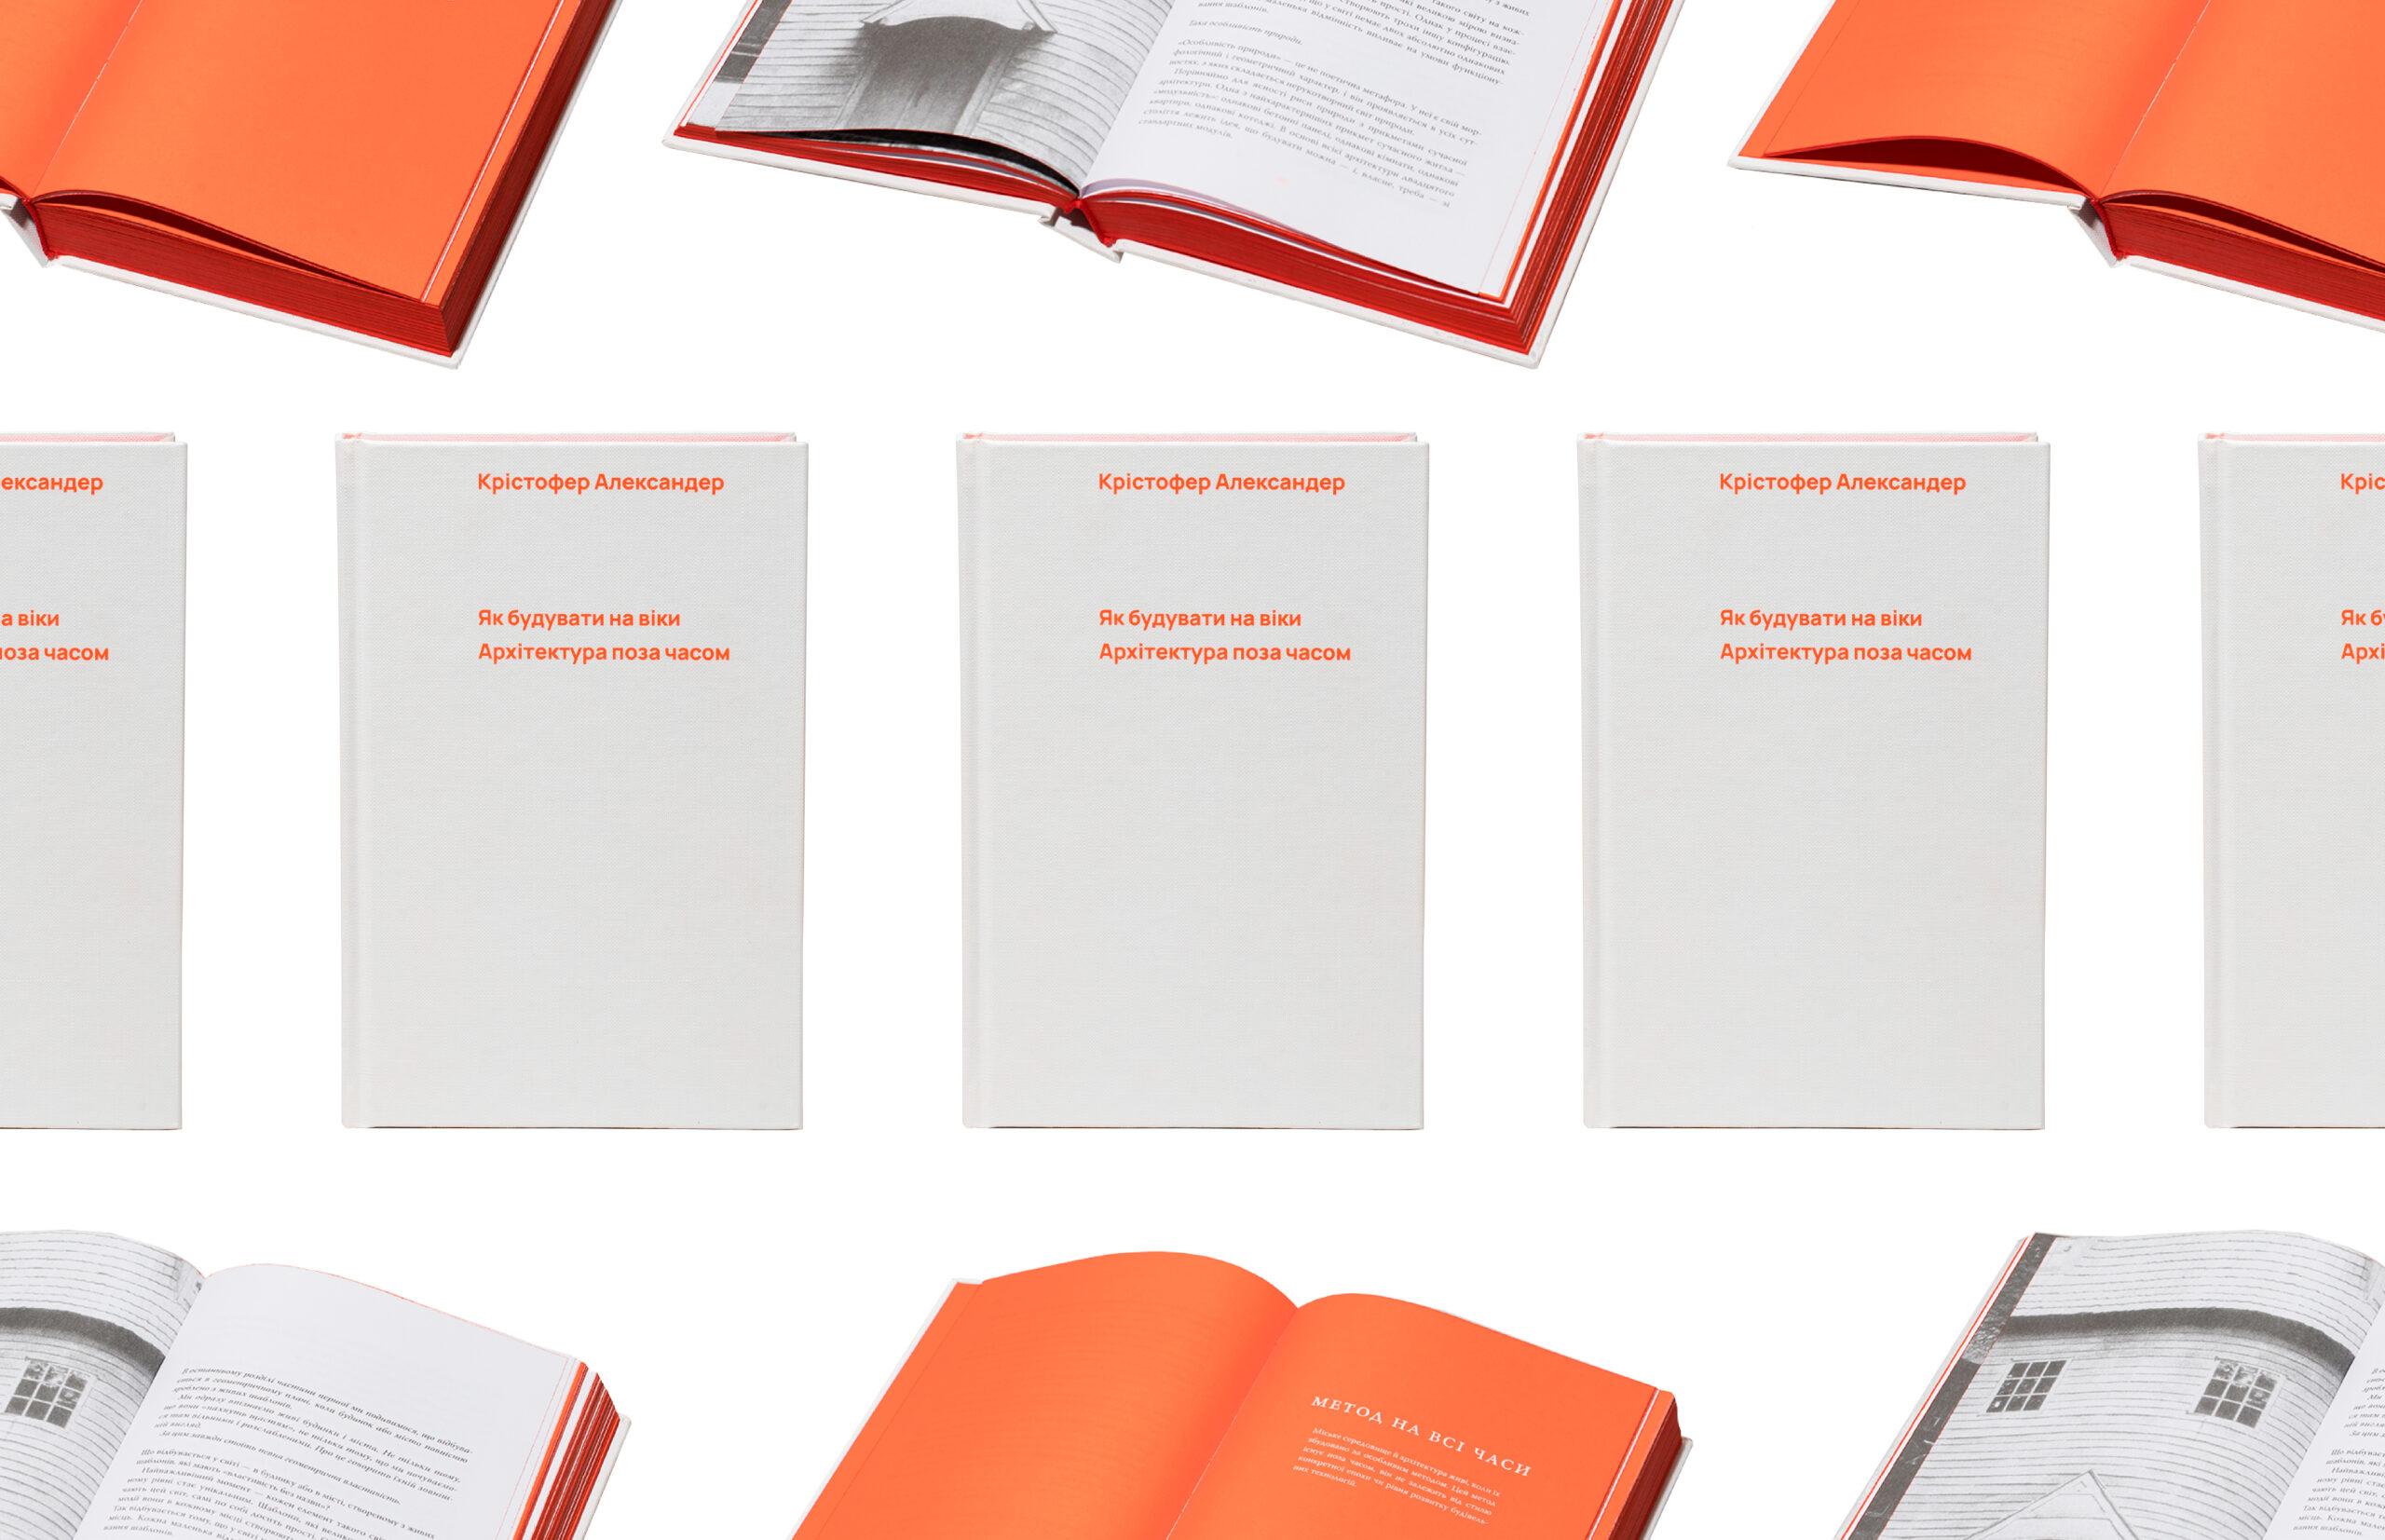 Фрагмент із книжки: «Як будувати на віки» Крістофера Александера